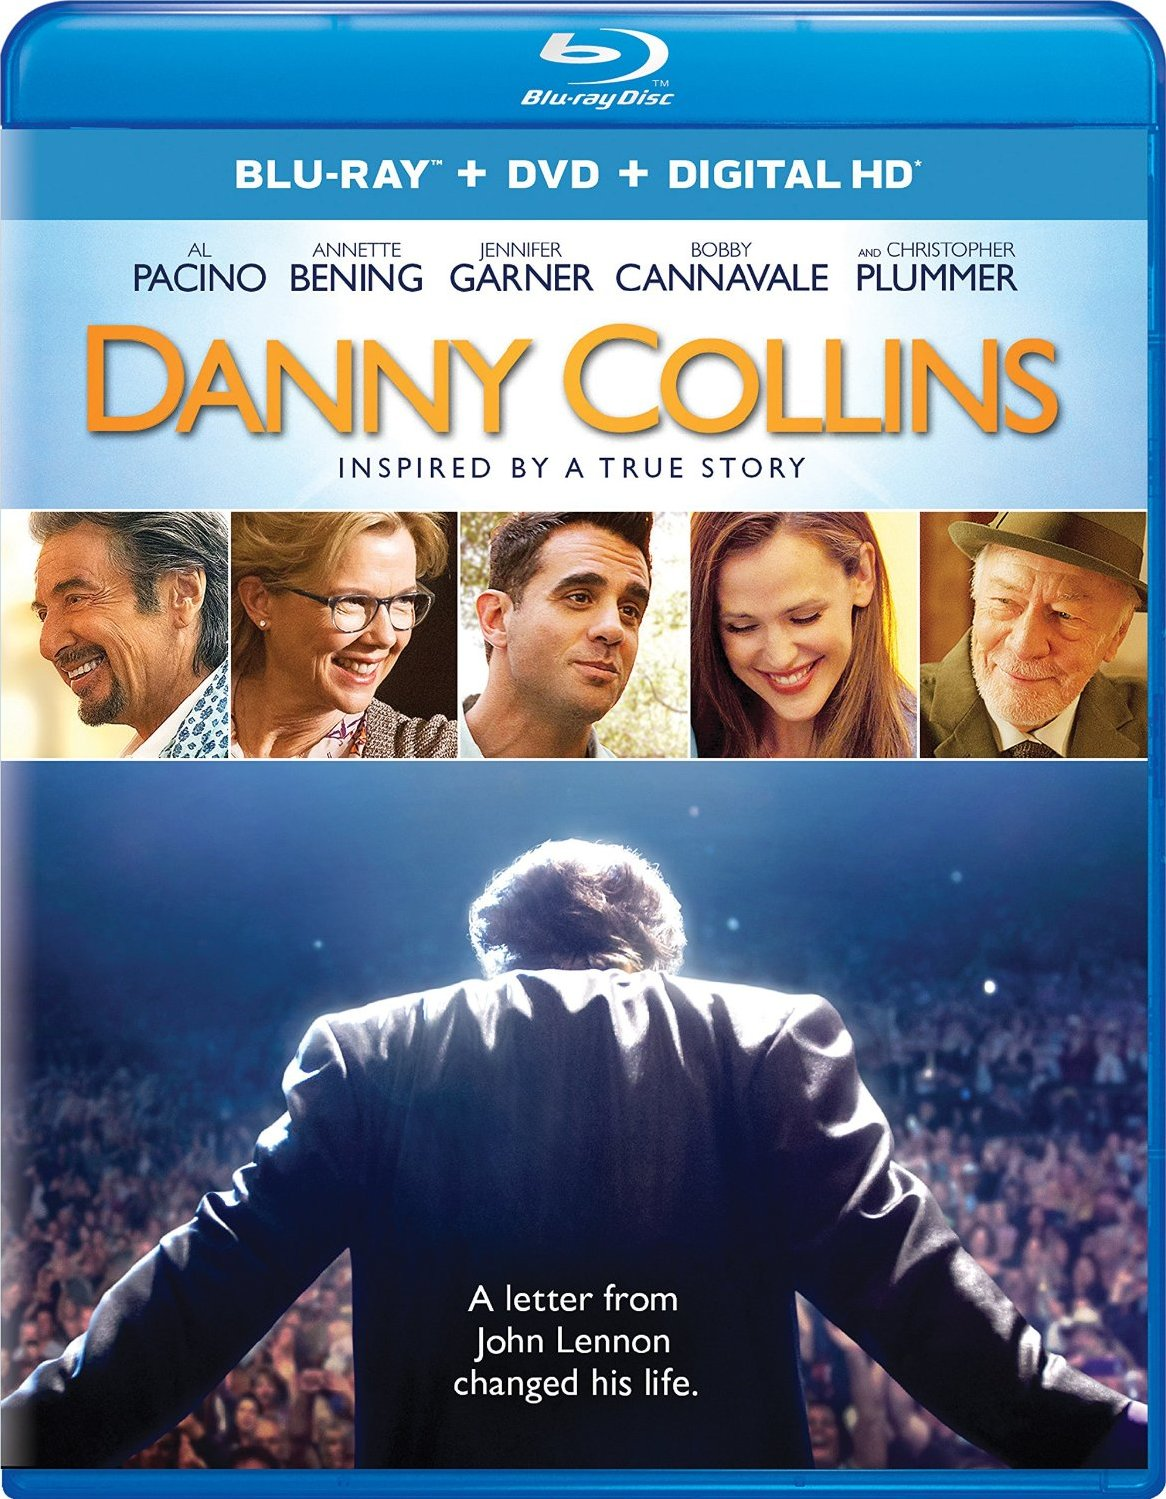 Danny Collins (2015) 1080p BD25 Cover Caratula Blu-ray